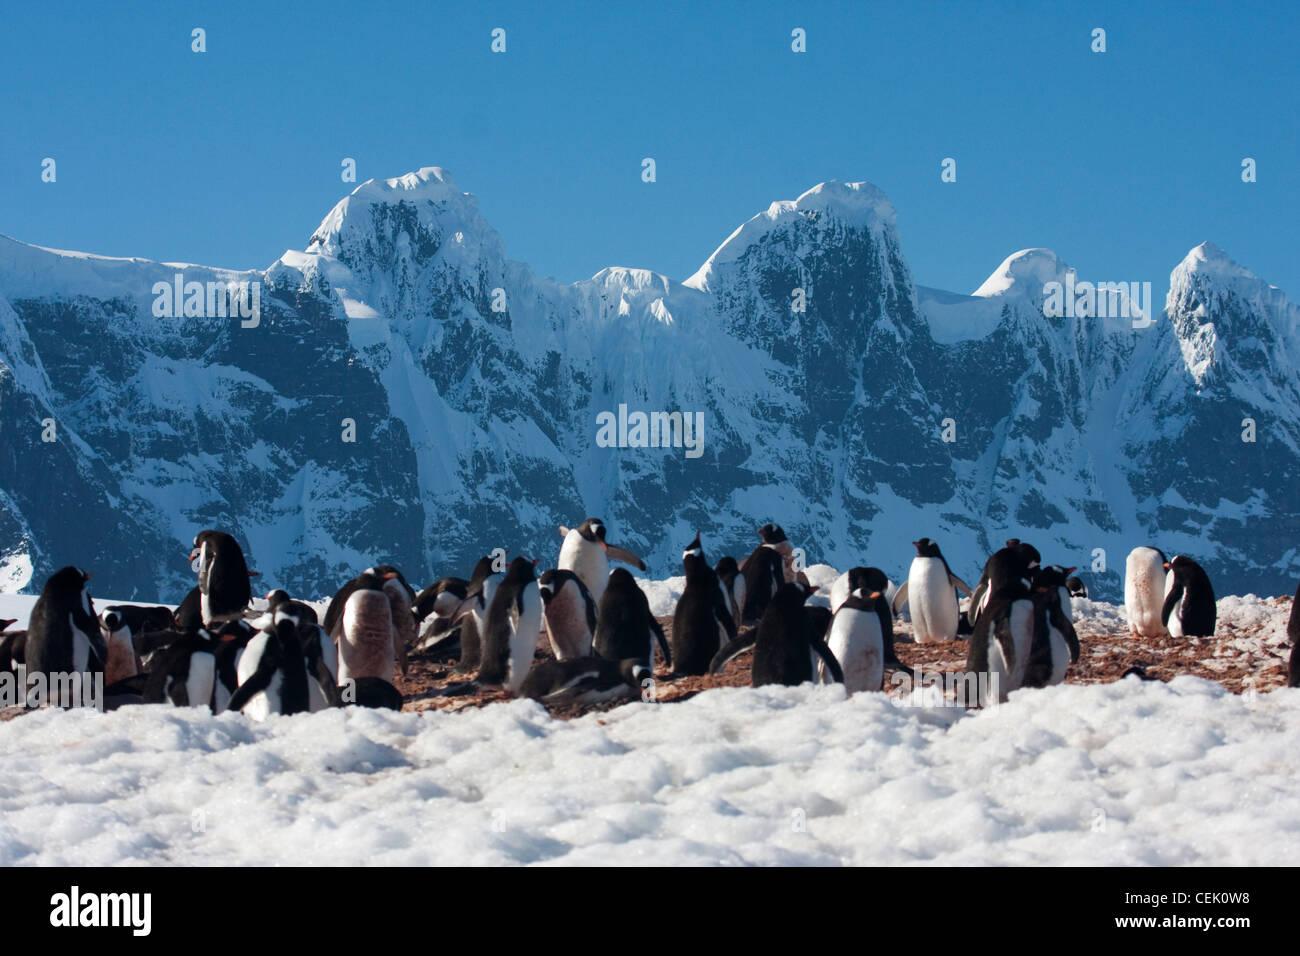 Pingouins en face de montagnes accidentées en Antarctique Banque D'Images